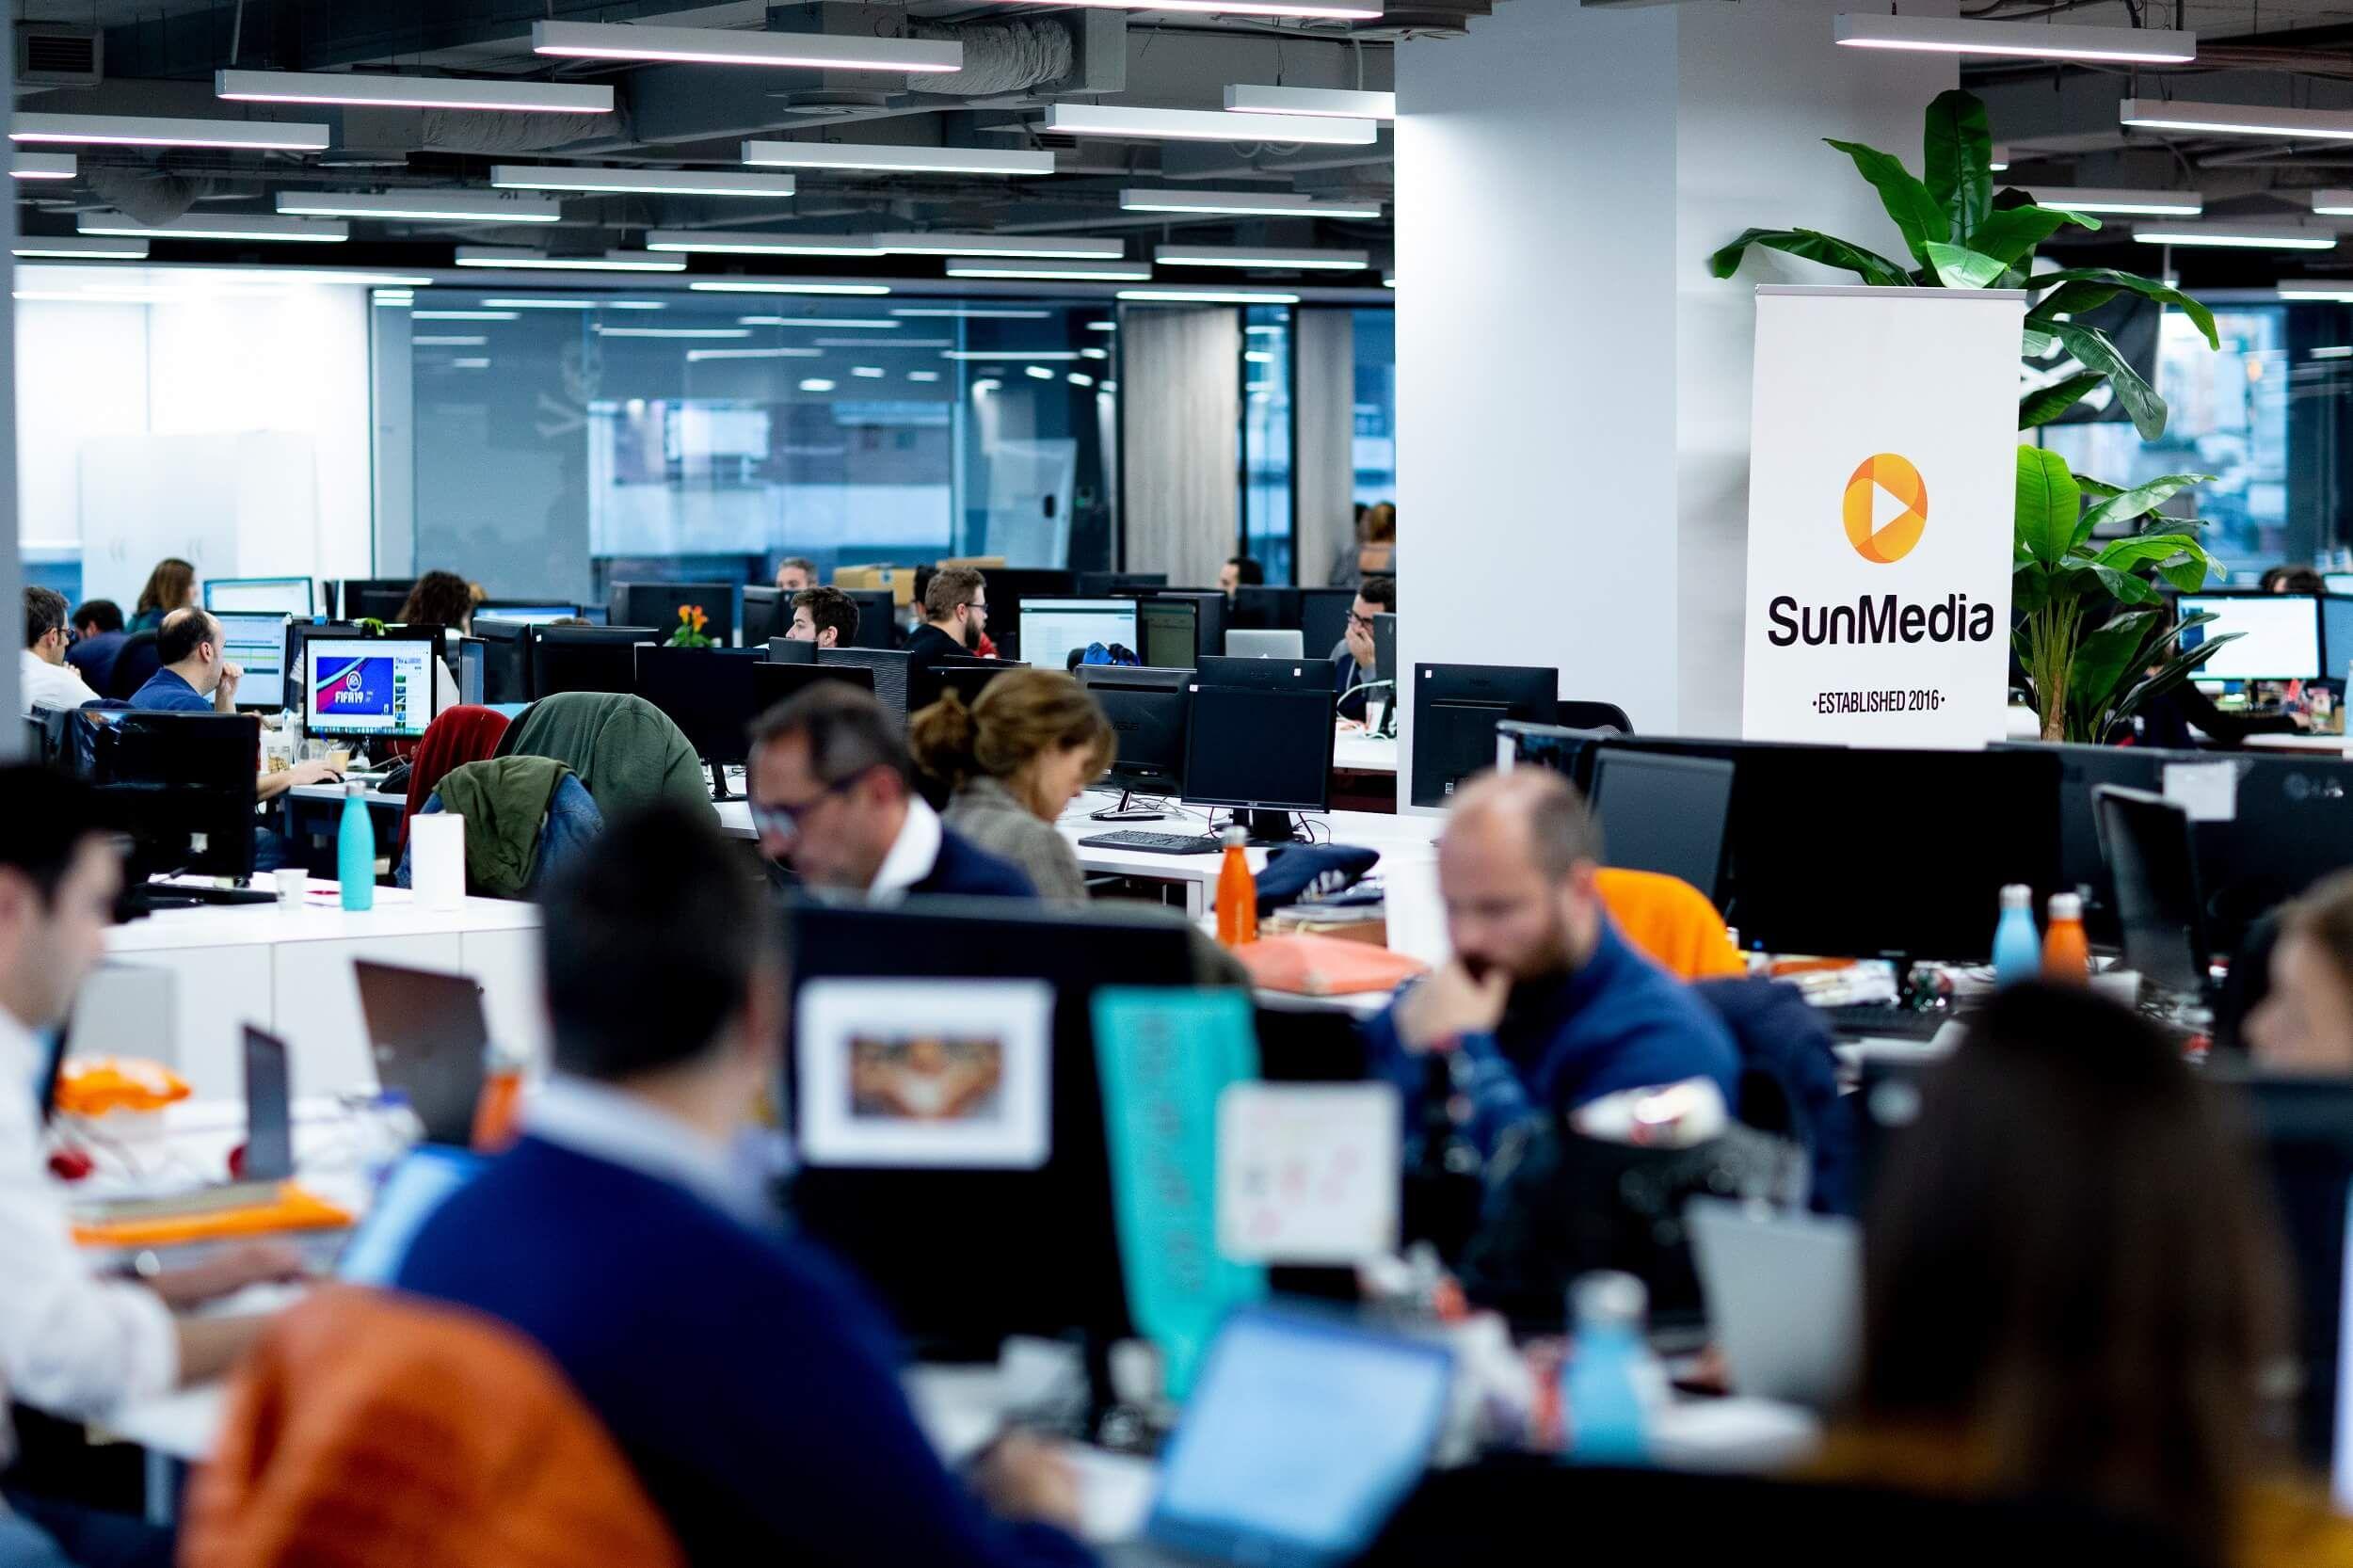 SunMedia amplía su red de publishers y se consolida como lider publicitario en webs financieras